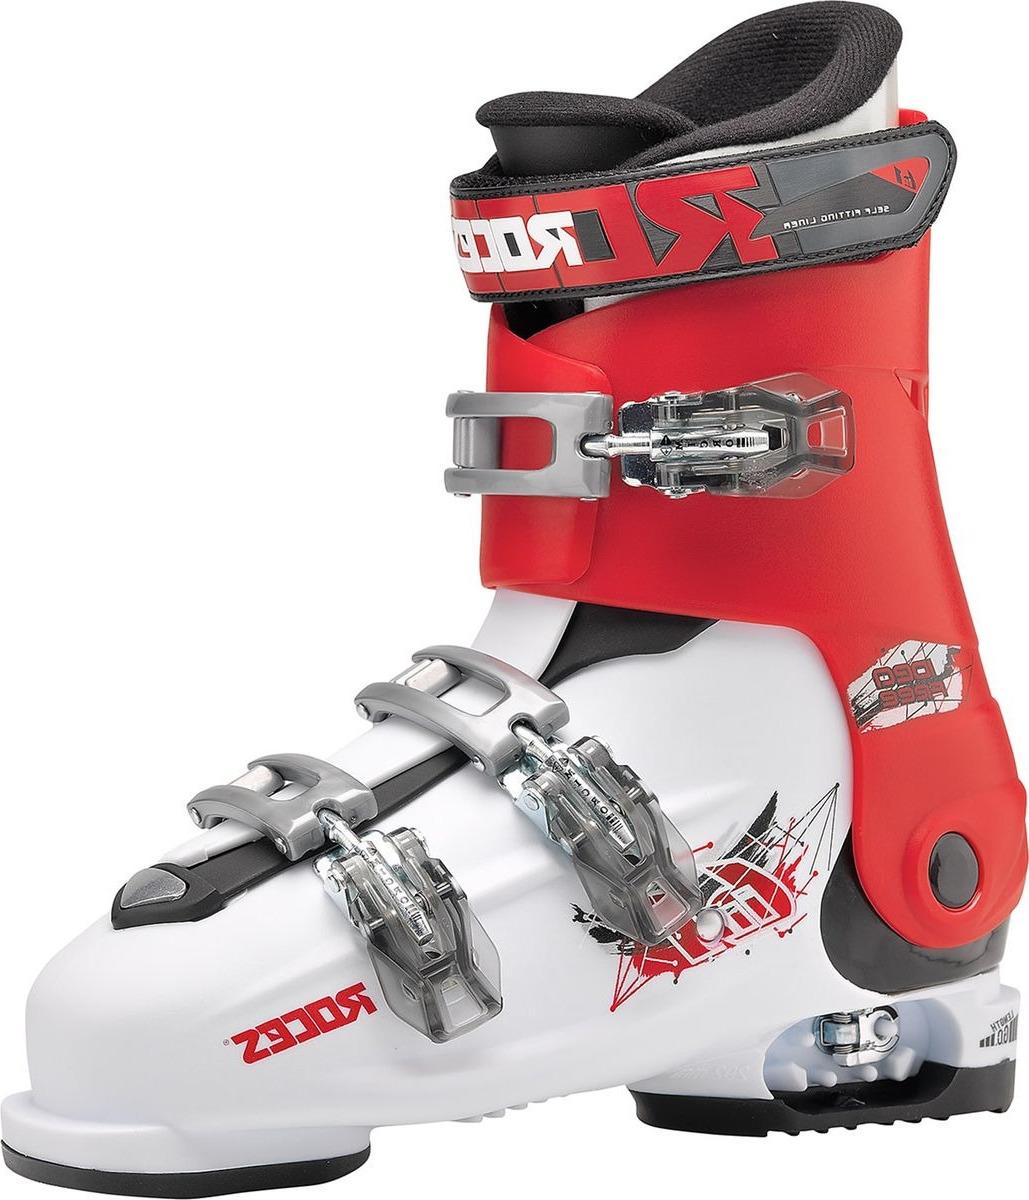 Ботинки горнолыжные для мальчика Roces IDEA, цвет: белый, красный. 450492. Размер 22.5/25.5